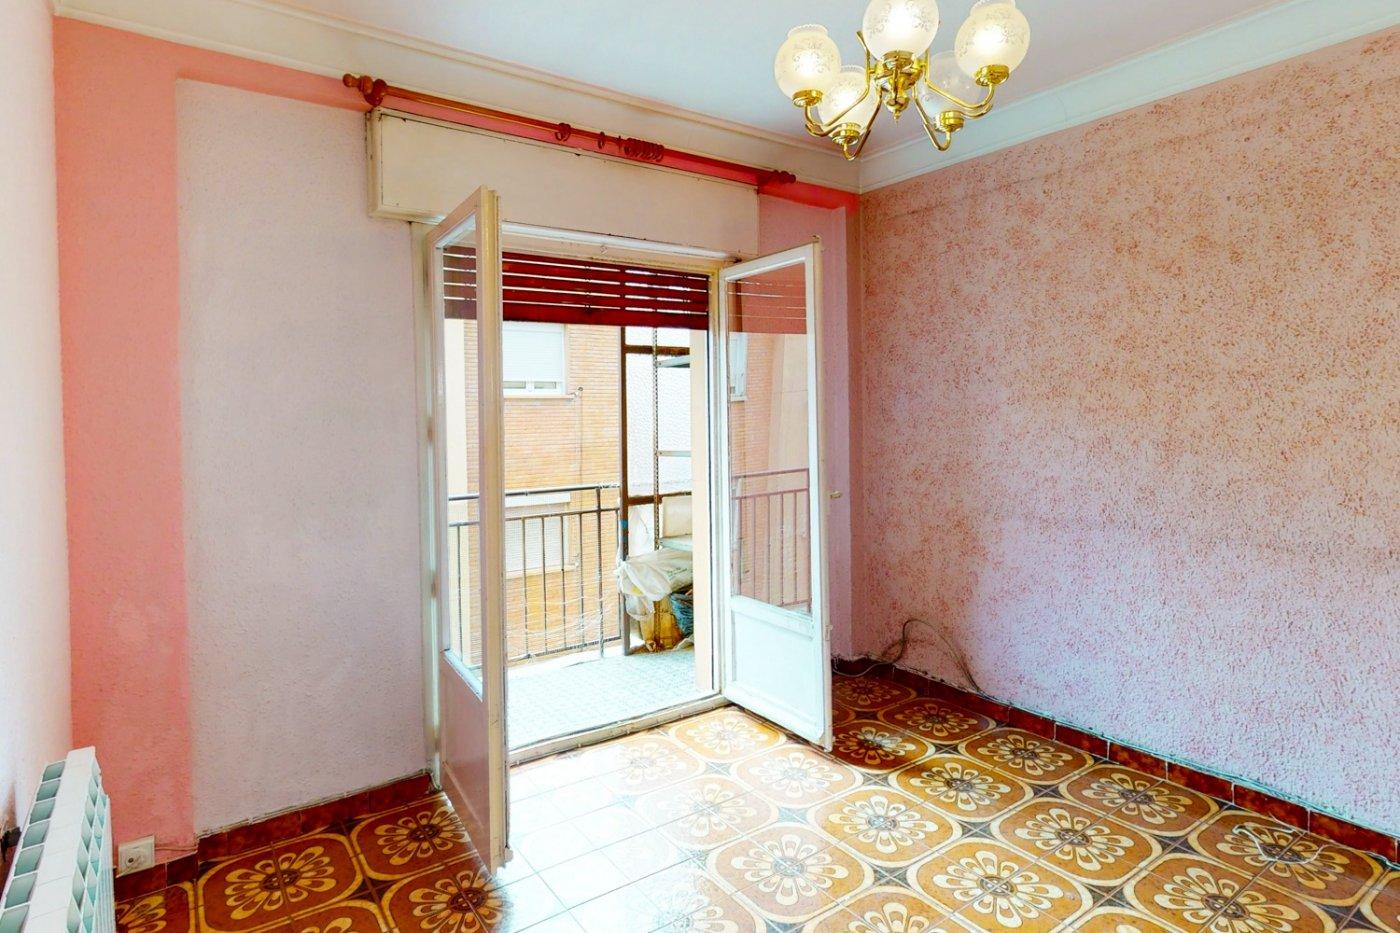 Piso a la venta en c/ lugo, exterior, de tres dormitorios, salon, cocina y baÑo. - imagenInmueble14